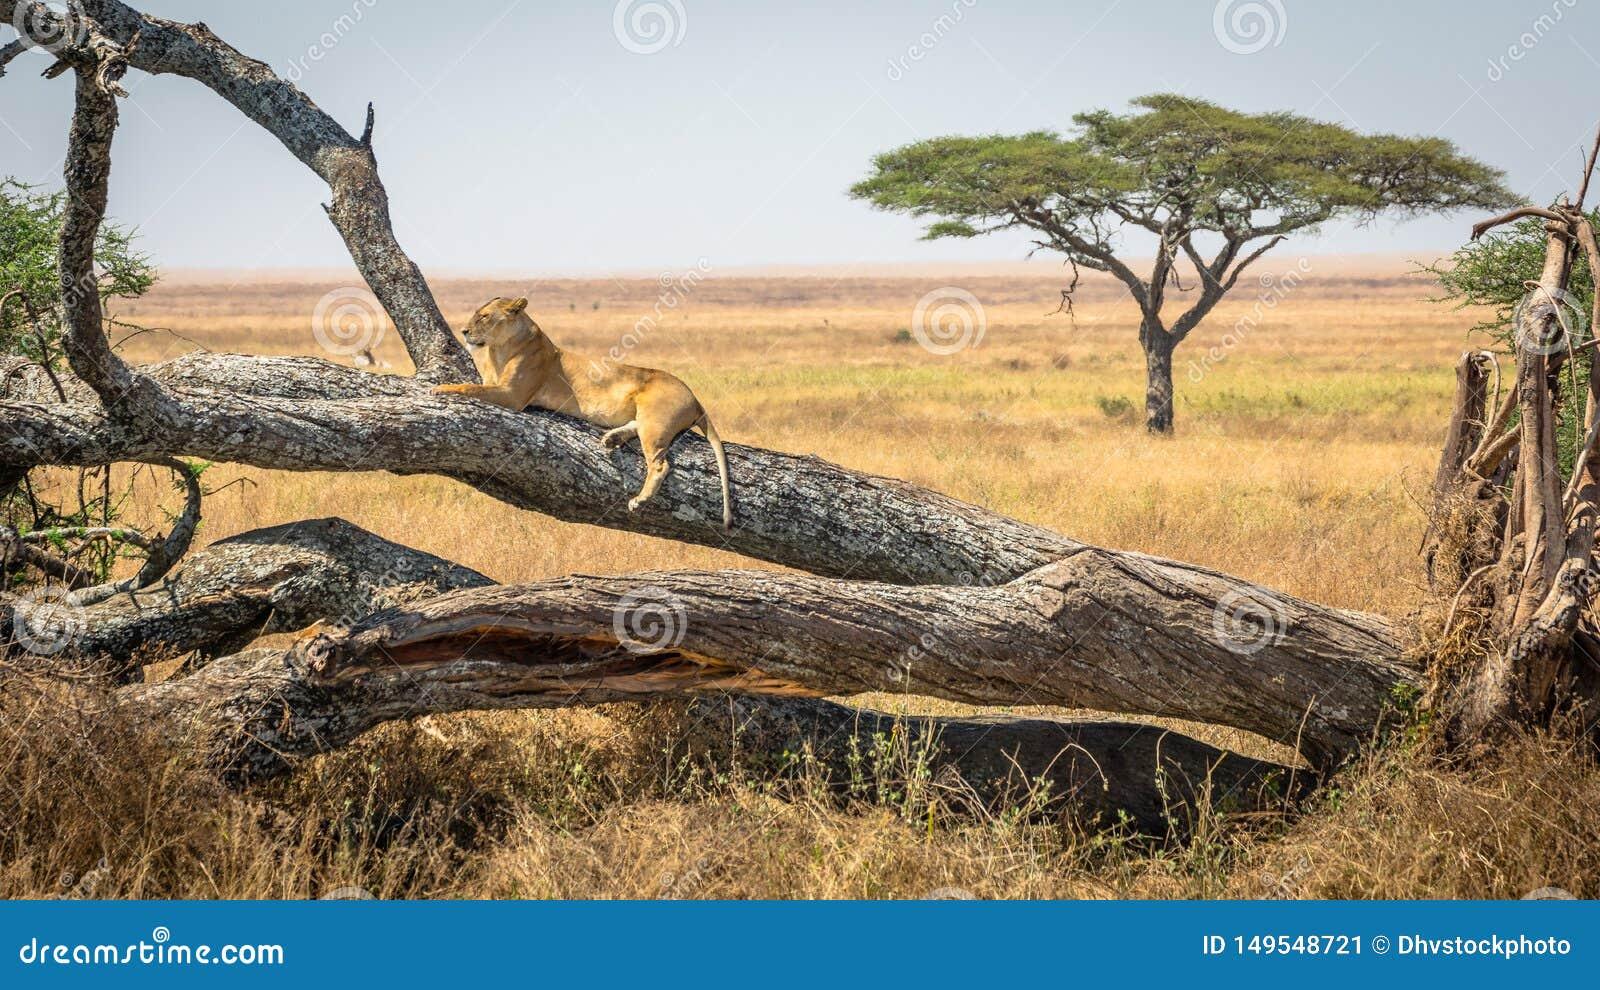 Λιονταρίνα που στηρίζεται σε ένα δέντρο, στο εθνικό πάρκο Serengeti, Τανζανία